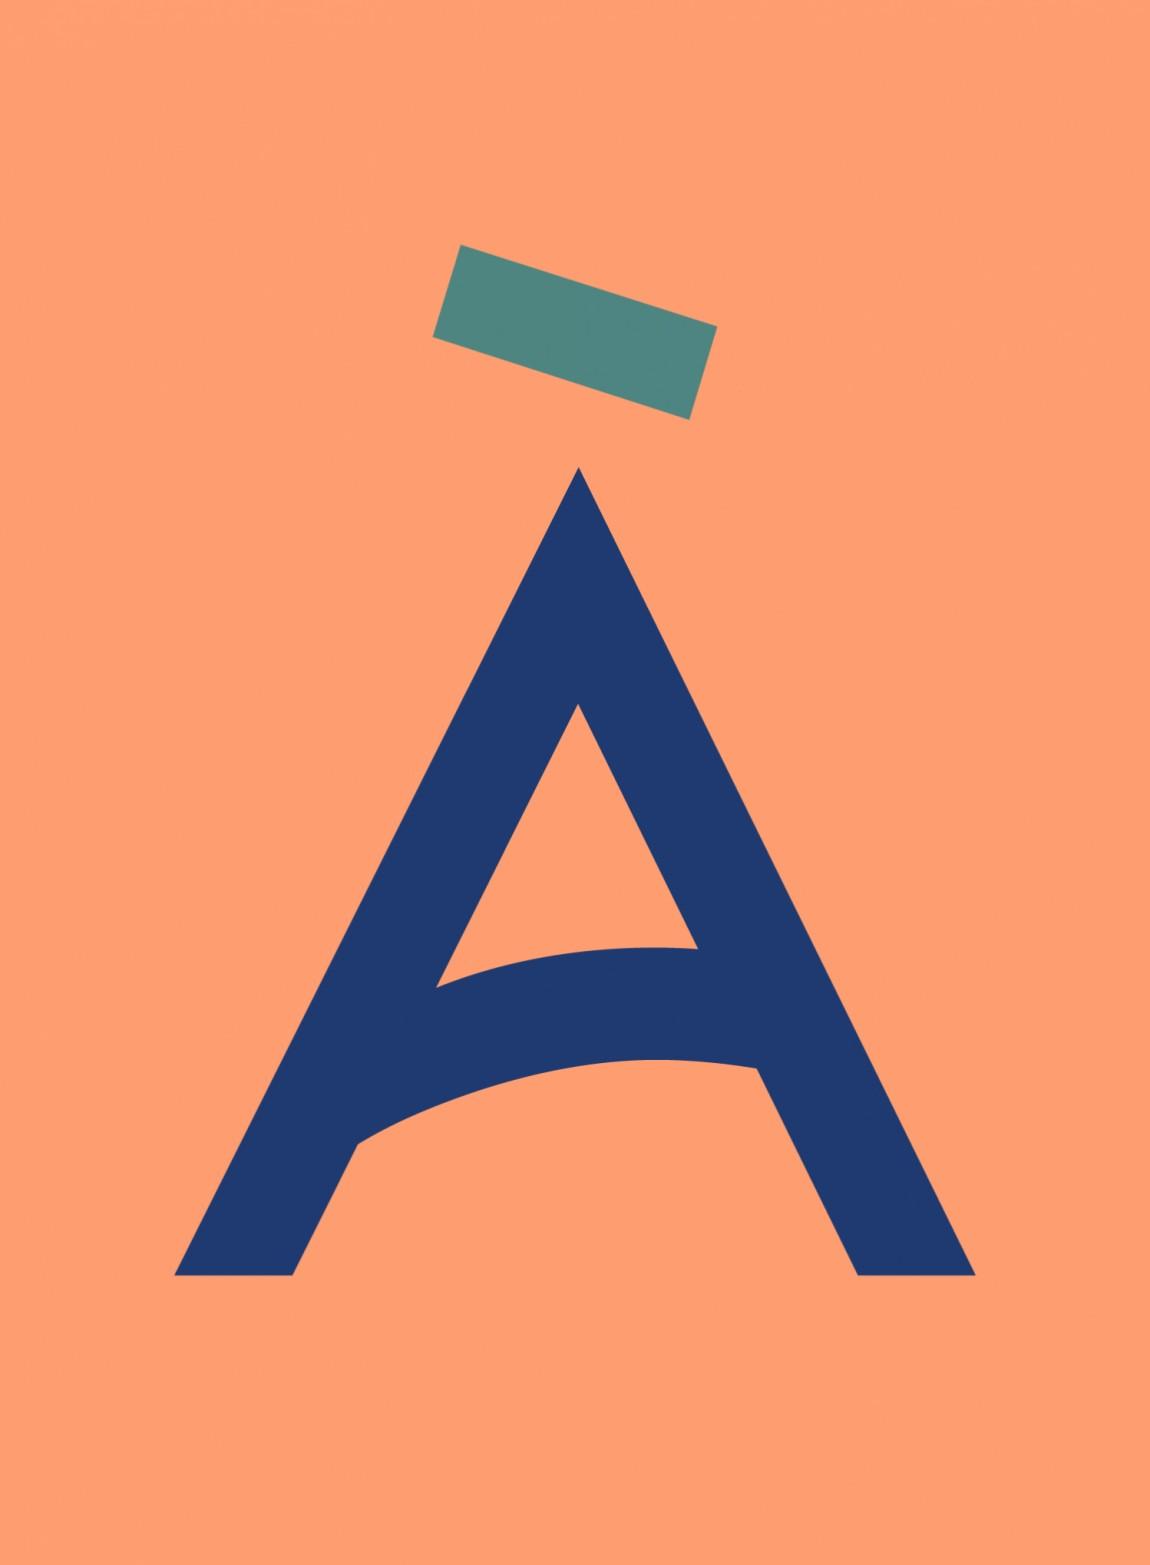 Sardine乡村餐厅餐饮品牌vi设计,图形标志设计